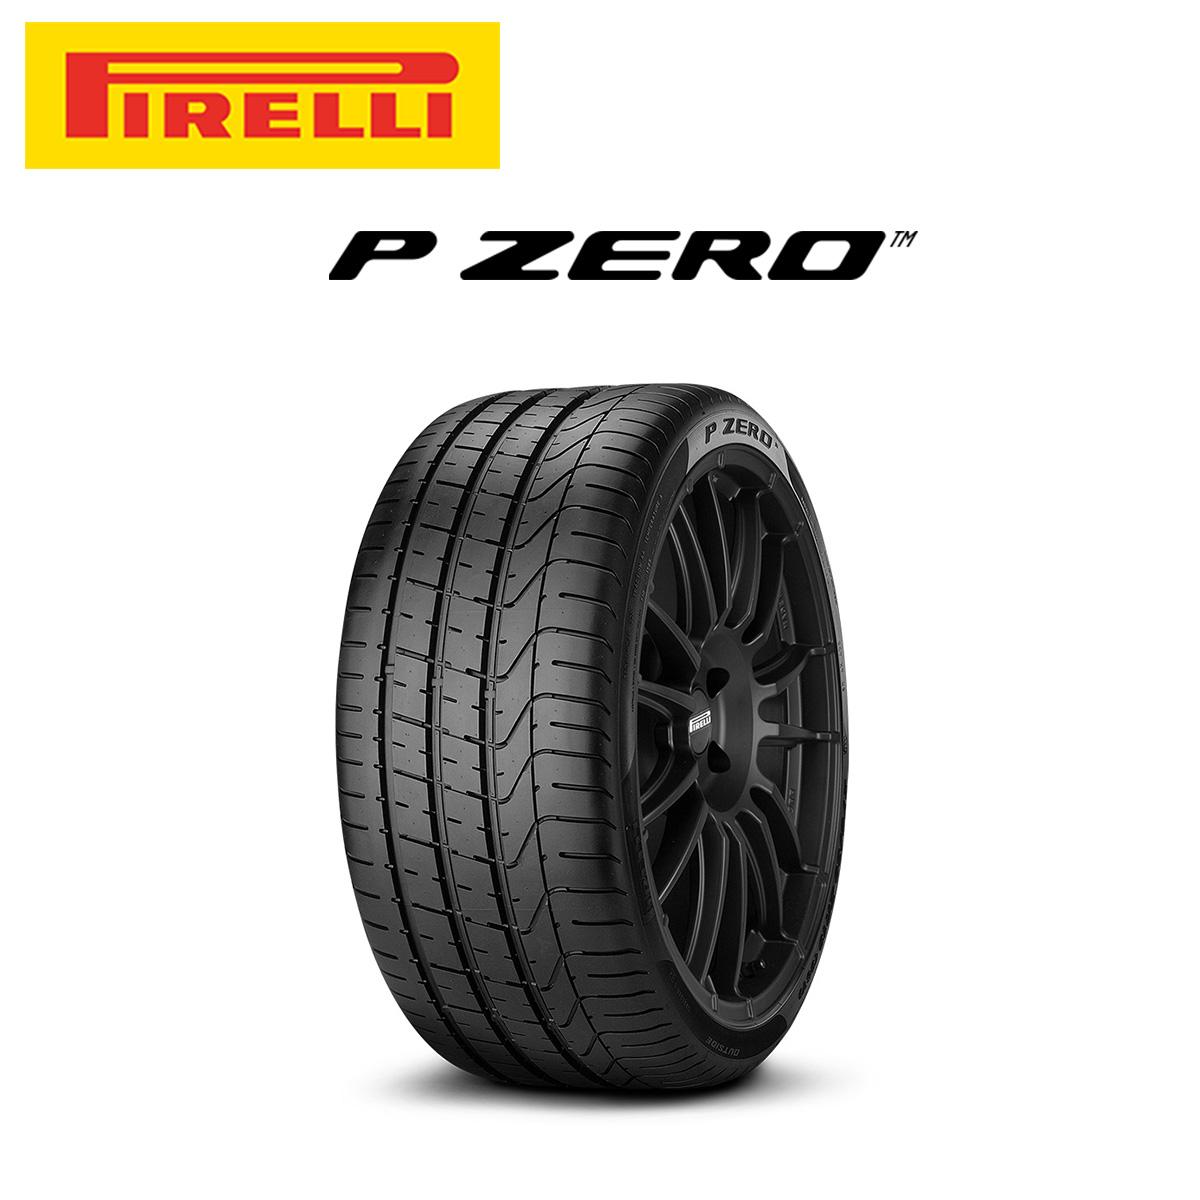 ピレリ PIRELLI P ZERO ピーゼロ 19インチ サマー タイヤ 4本 セット 235/35ZR19 91Y XL RO1:アウディ MO:メルセデスベンツ承認タイヤ 1913600